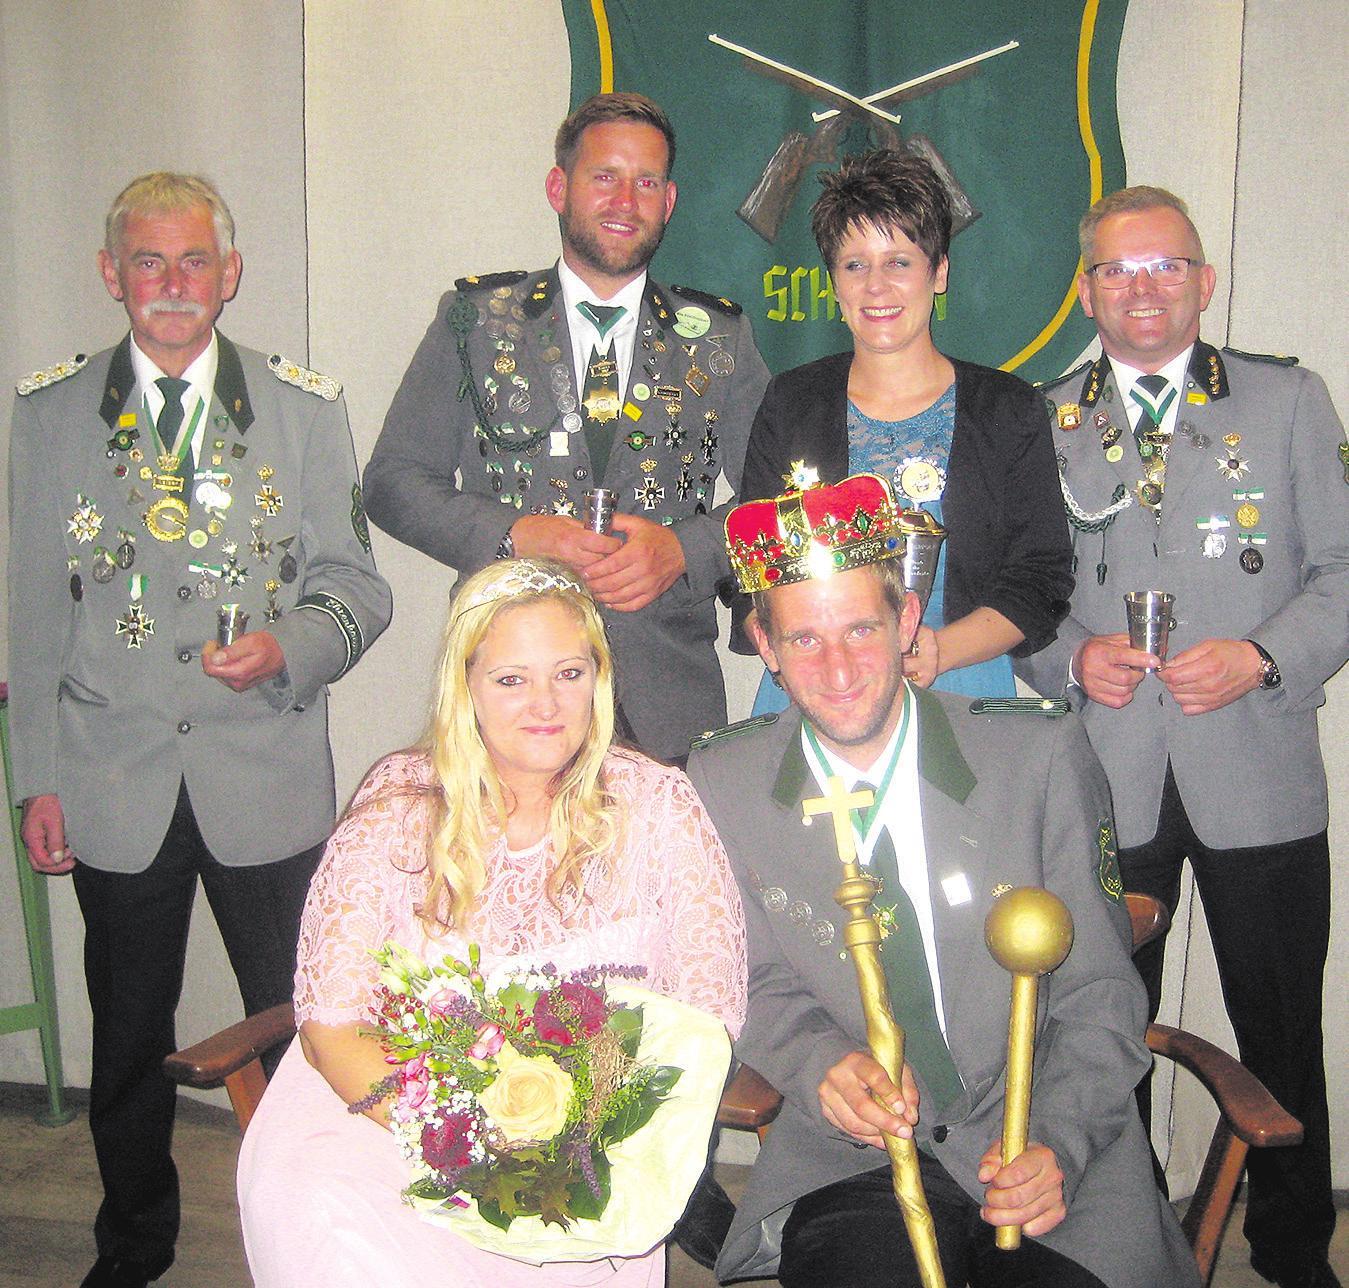 Wolfgang Kott (stehend von links), Andreas Manegold, Kathrin von Bursy und Andreas Twartz. Davor sitzt das neue Kaiserpaar Diana Schulz und Marco Sperac. Foto: Böhme